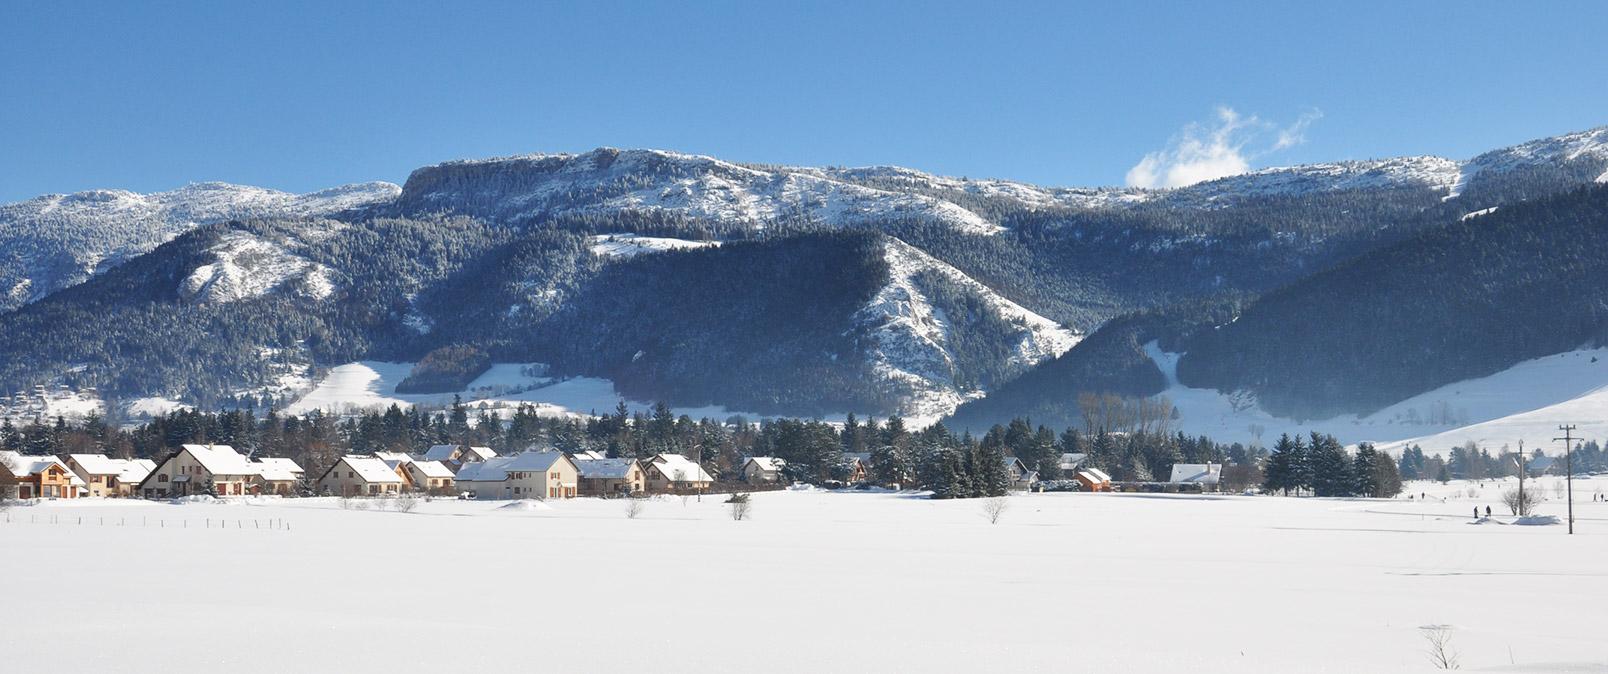 Lans en Vercors, version hiver